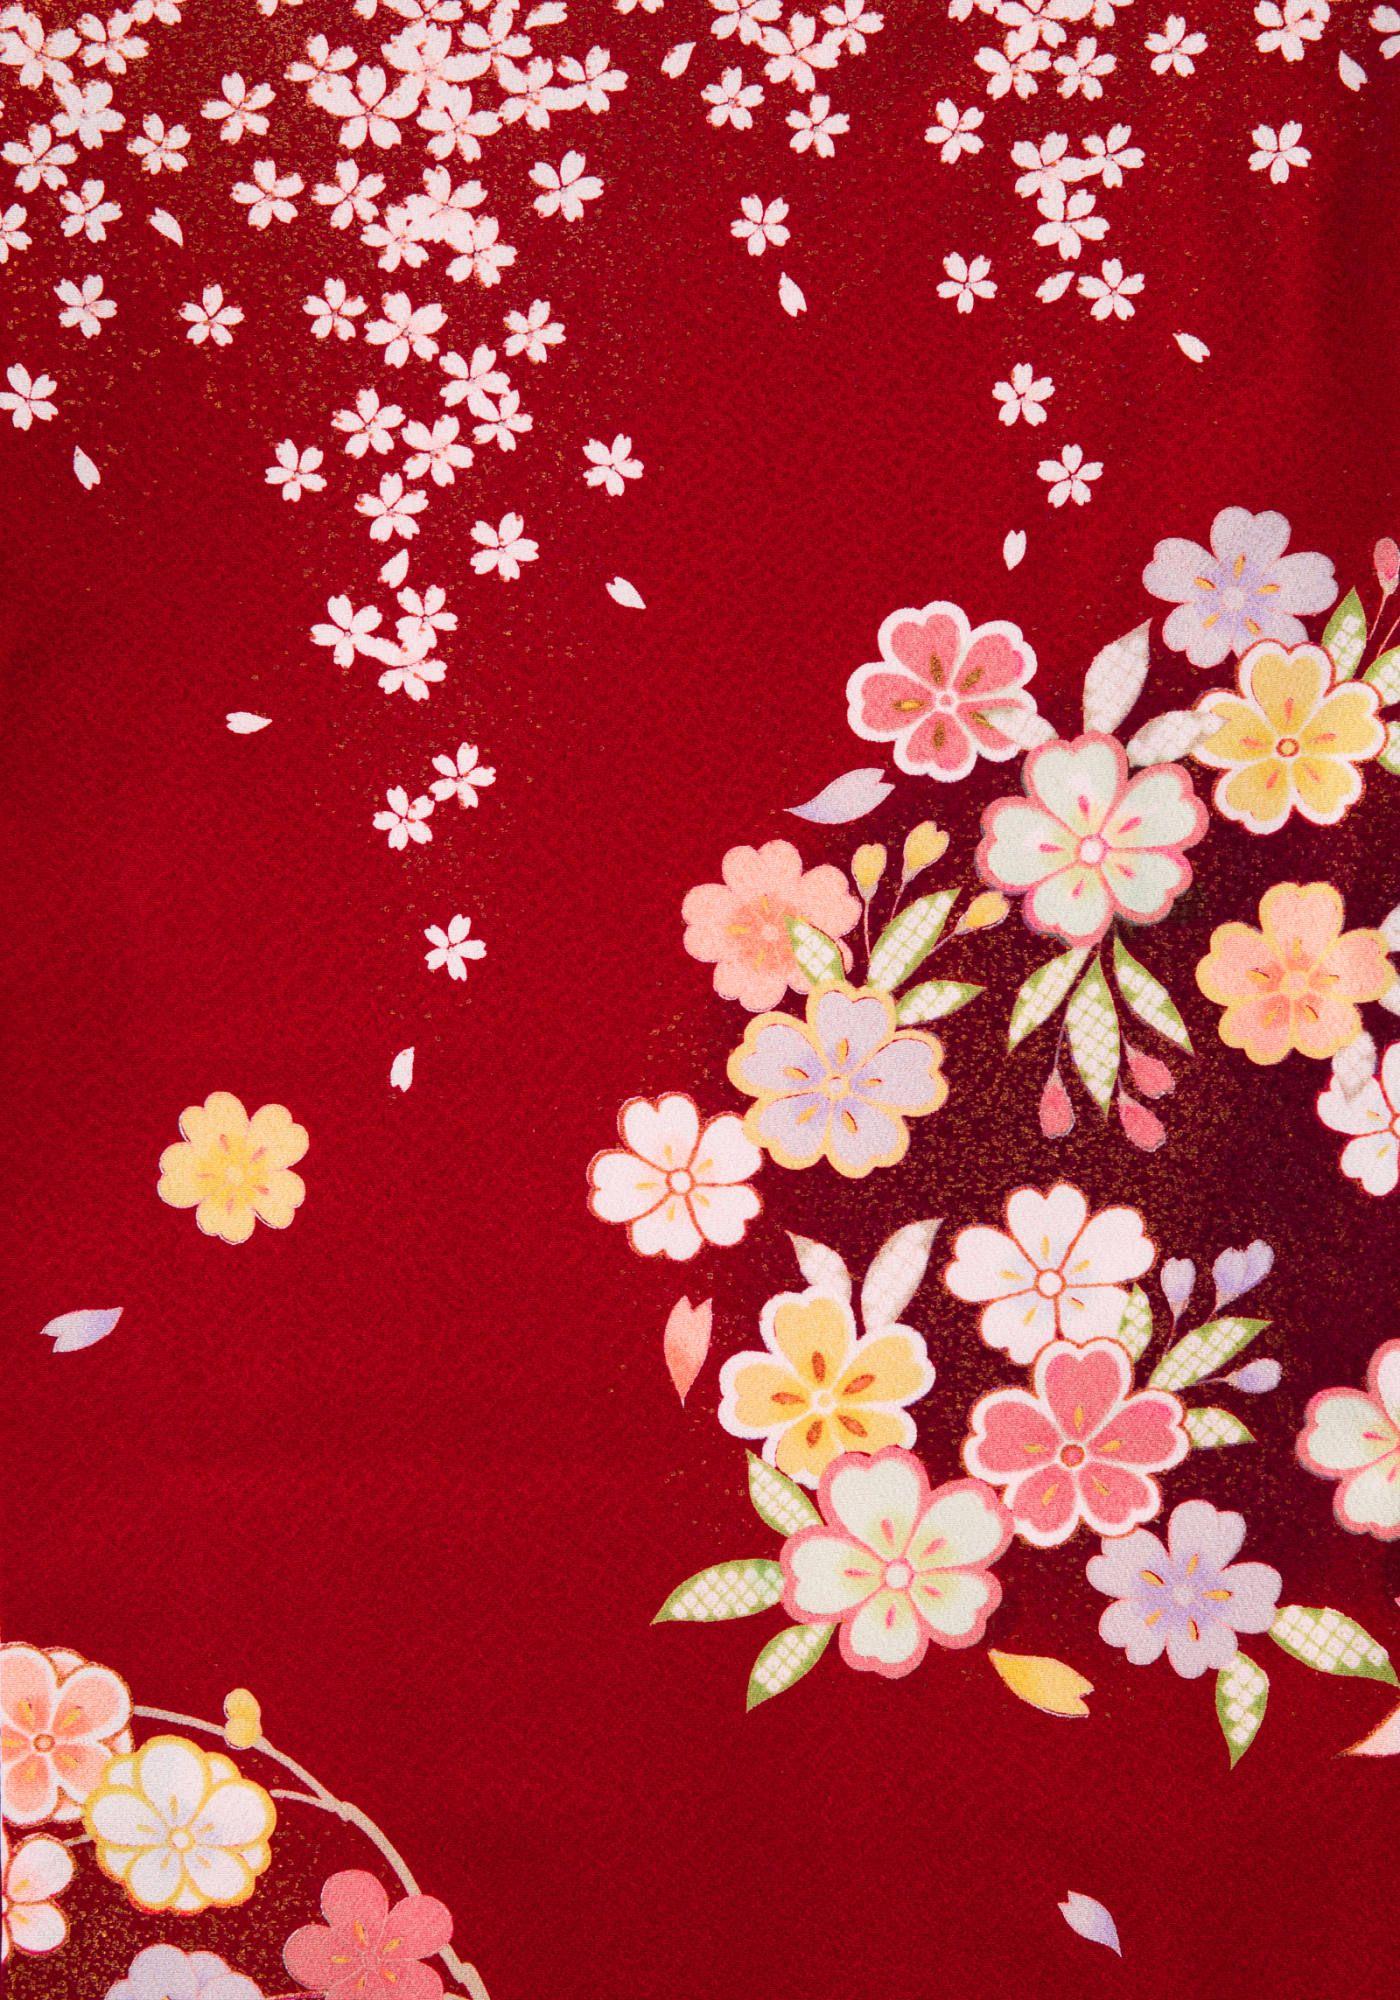 着物 No 735 商品名 赤 花小桜 画像あり 和柄 壁紙 和